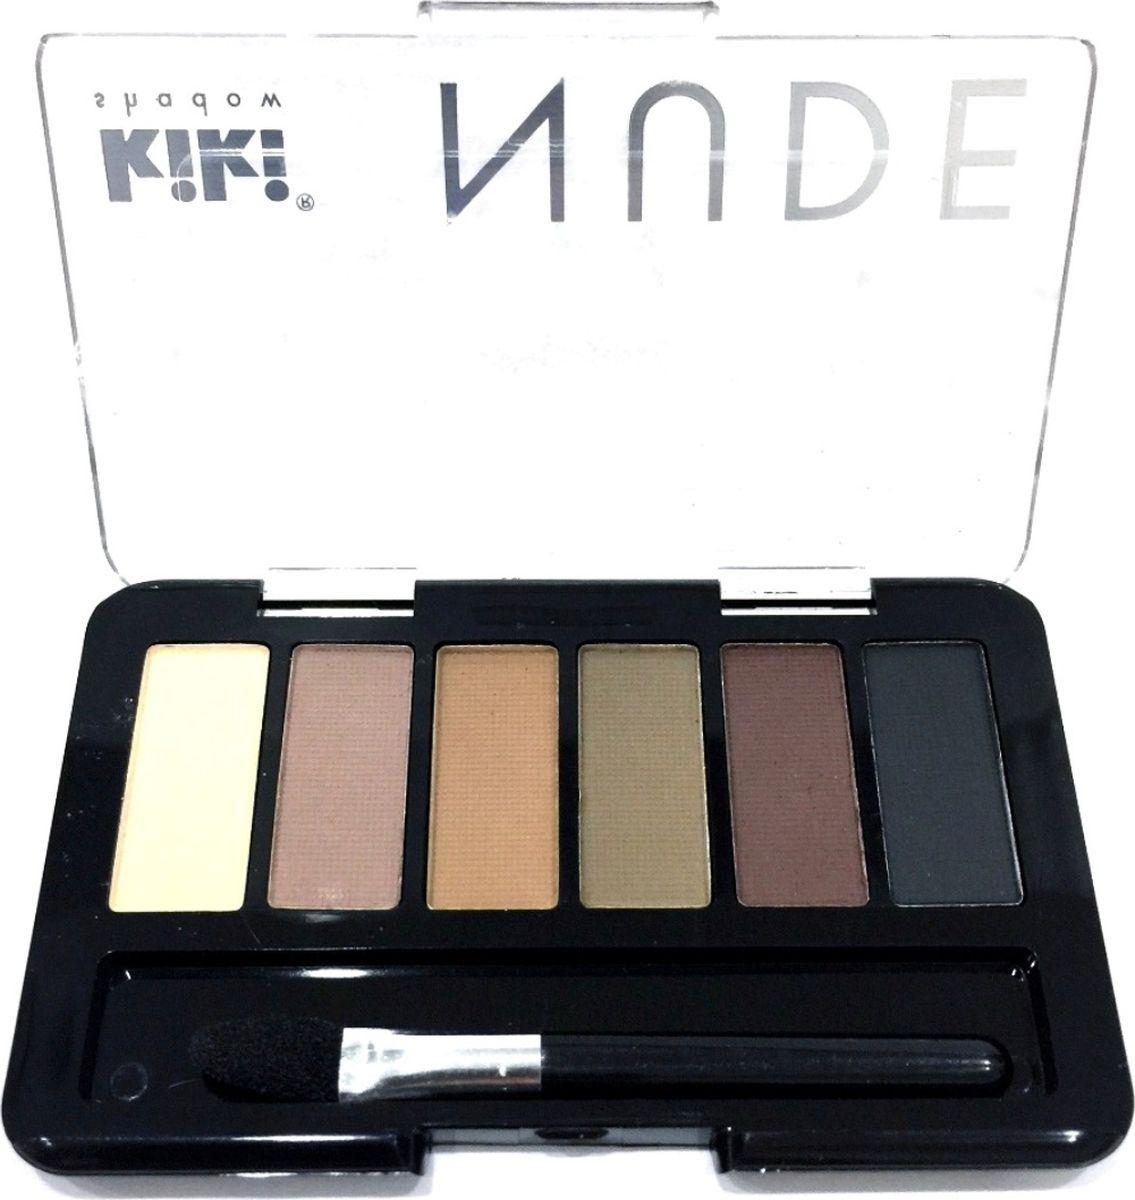 Kiki Тени для век shadow Nude 904, 2.76 гр10909904Шесть идеально подобранных оттенков в нюдовых тонах не оставят вас равнодушными. Тени обладают нежной, хорошо поддающейся растушевке текстурой. Благодаря удобному аппликатору макияж можно создавать буквально на ходу.